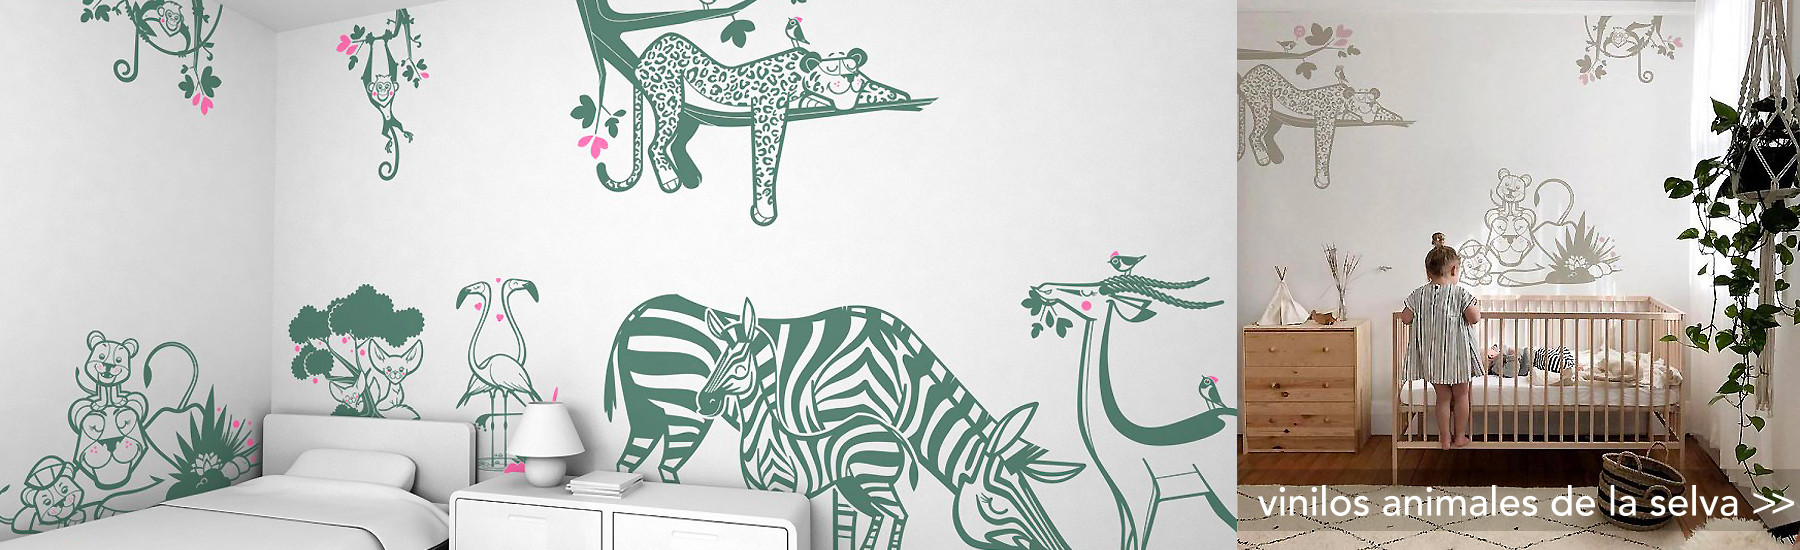 vinilos decorativos animales de la selva, jungla, para habitación infantil bebé